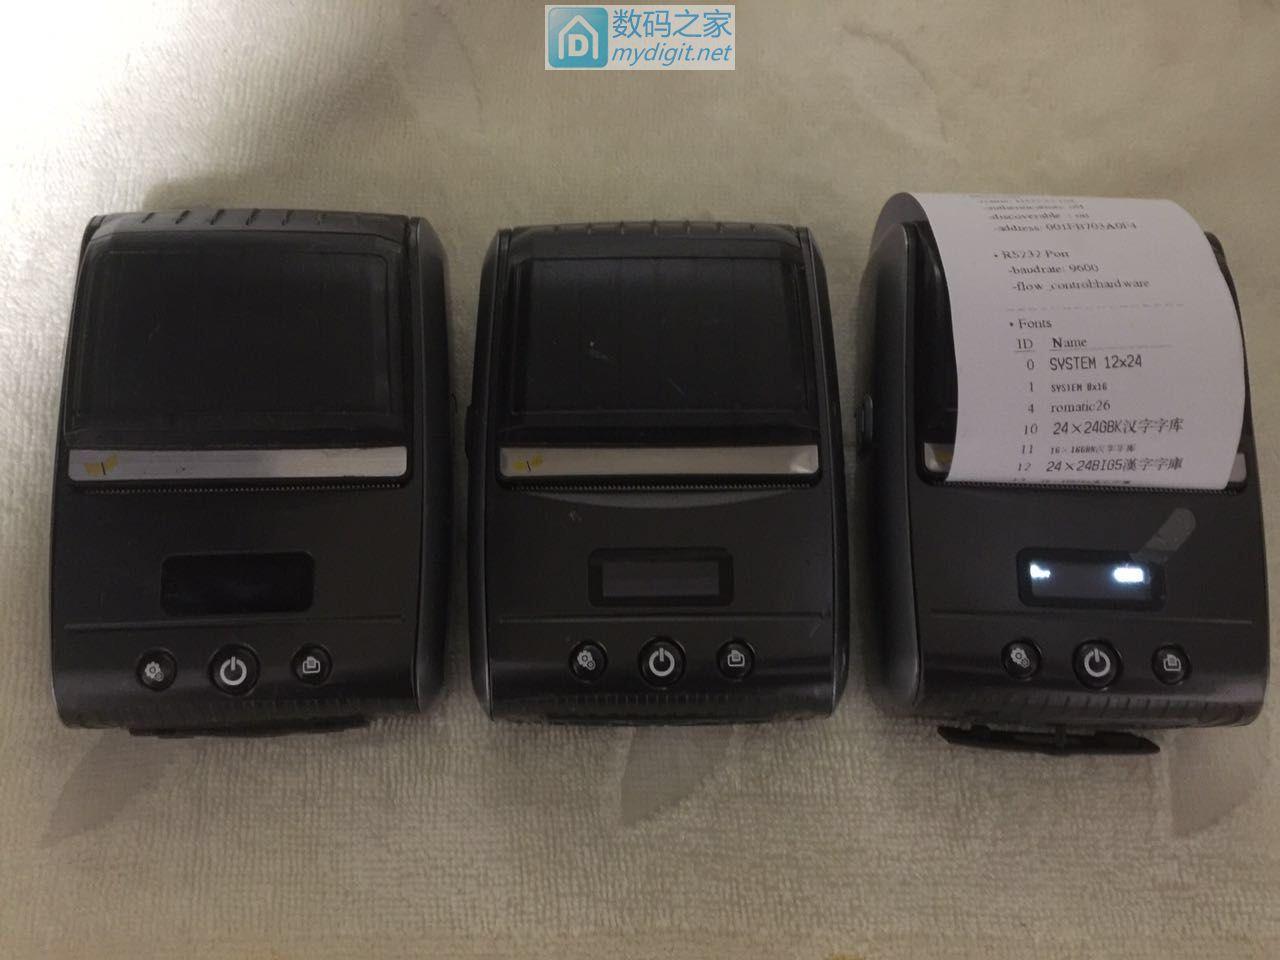 处理打印机二手 芝柯便携打印机58mm蓝牙小票打印机连接安卓系统微商